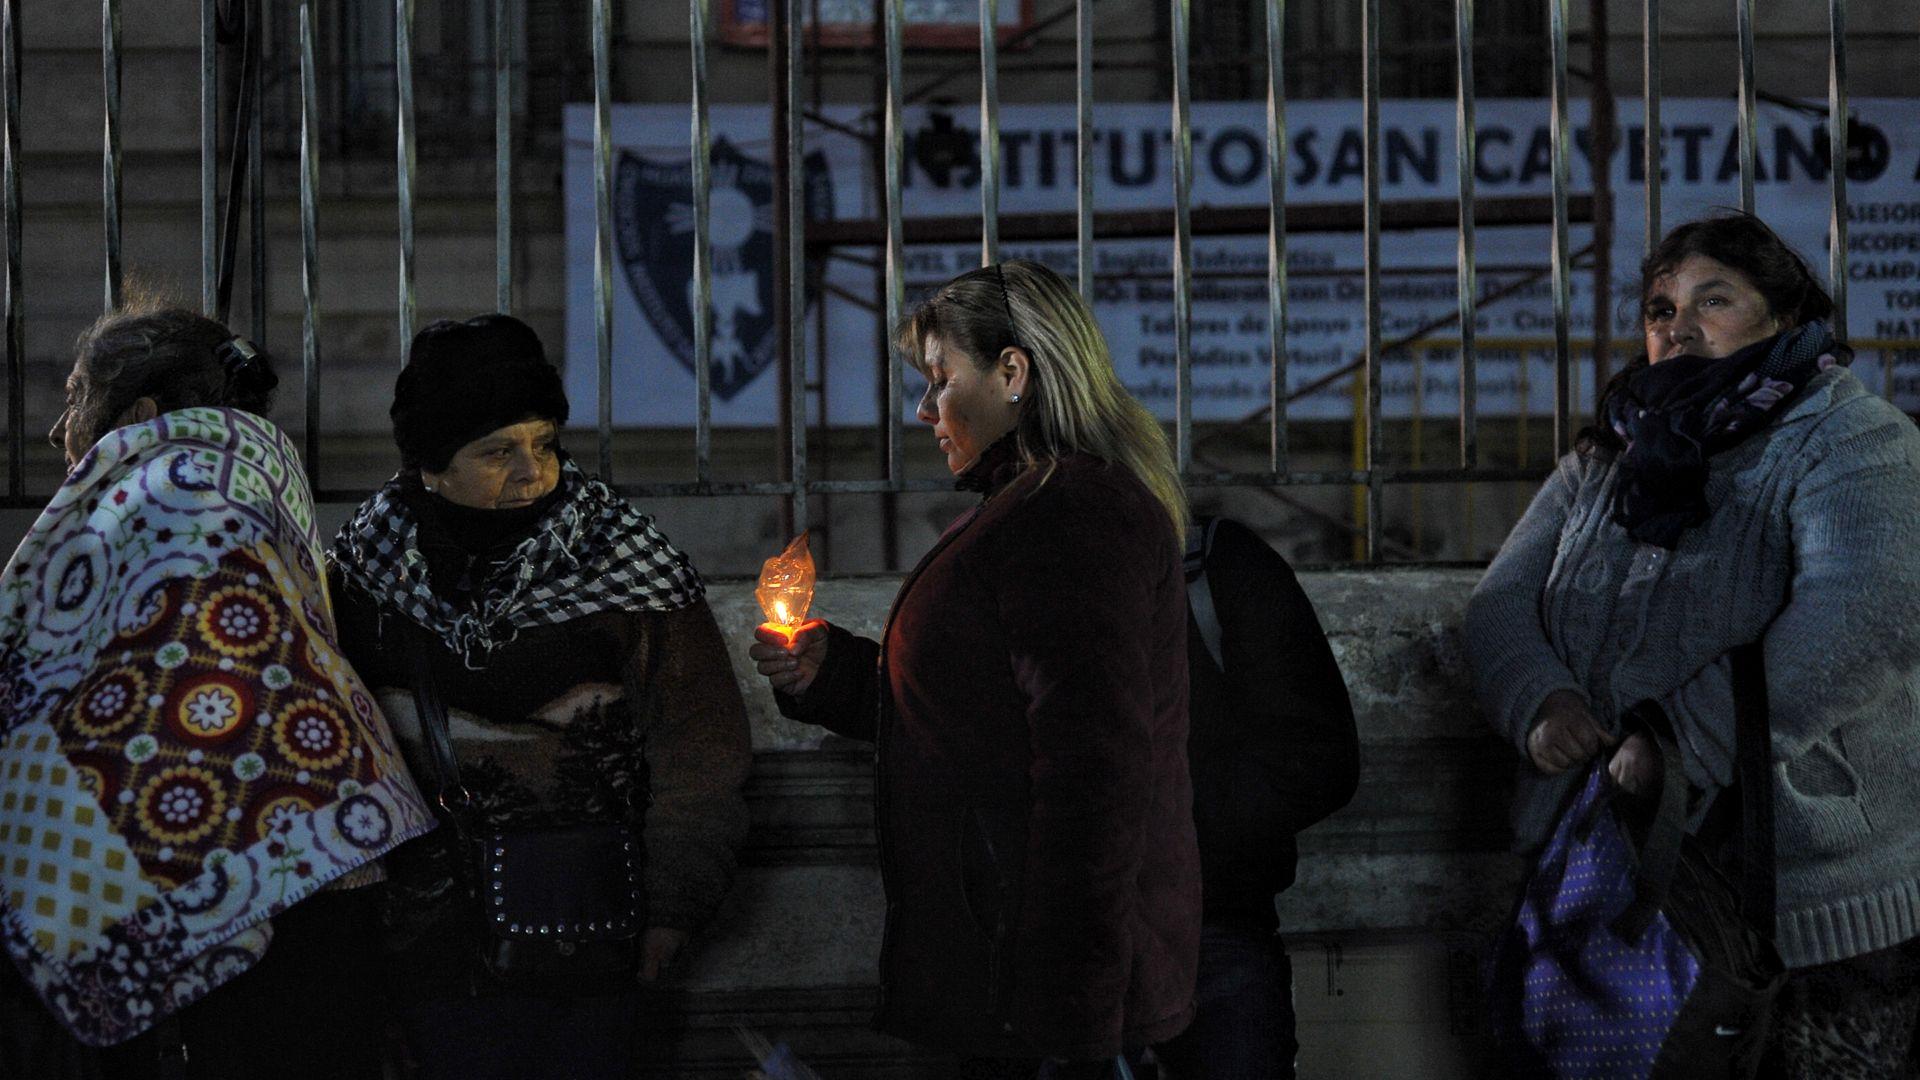 La columna principal de manifestantes se dirigirá por la avenida Rivadavia y hará pausas en Plaza Miserere, el Congreso y el Obelisco, en donde habrá otras concentraciones